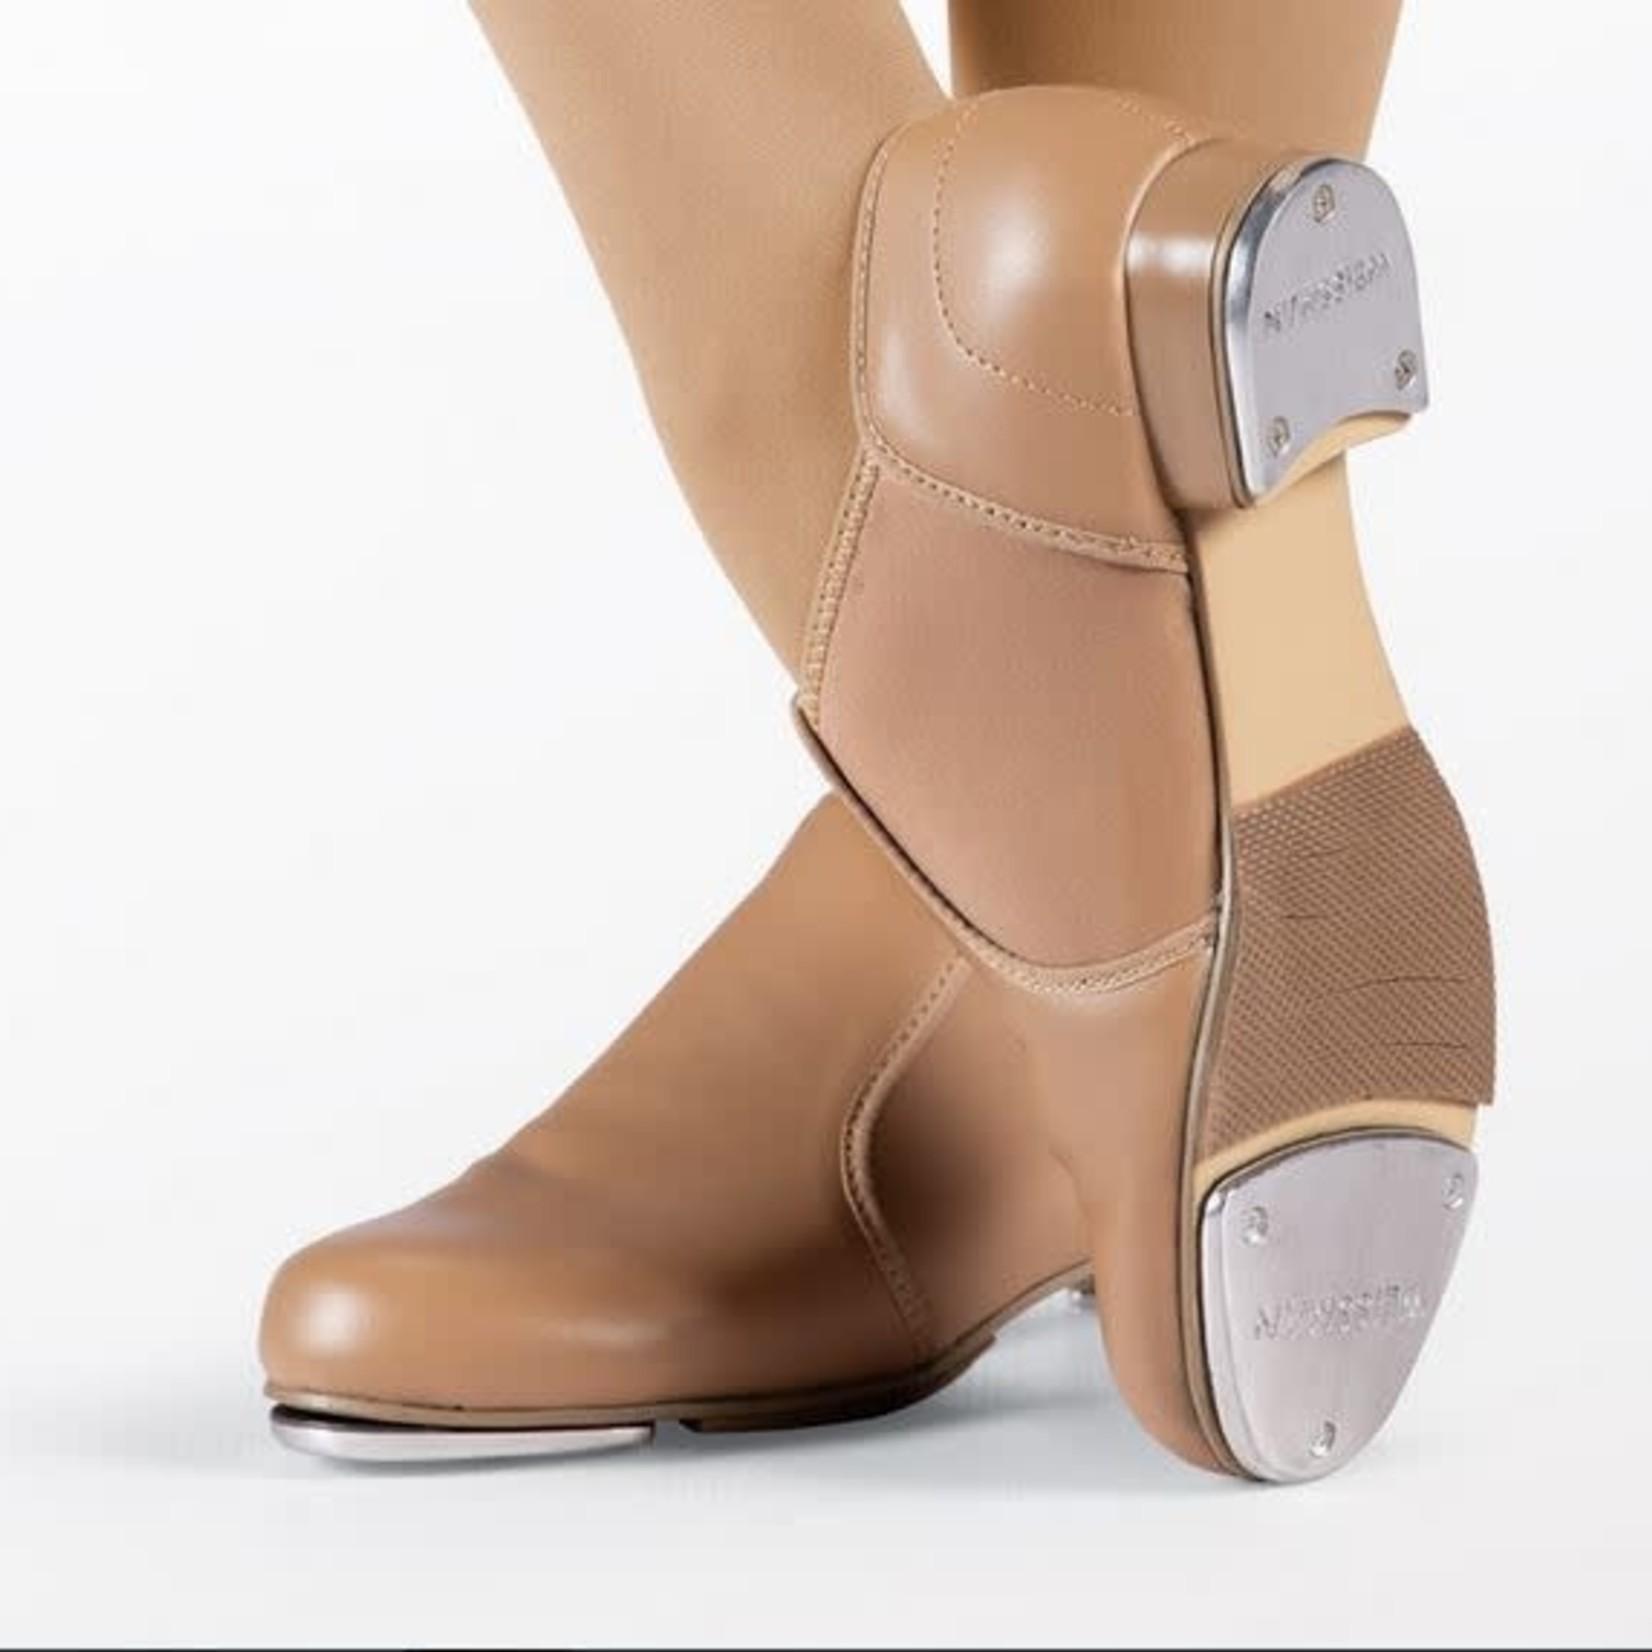 Weissman Weissman W1500 Child Slip-On Tap Shoes